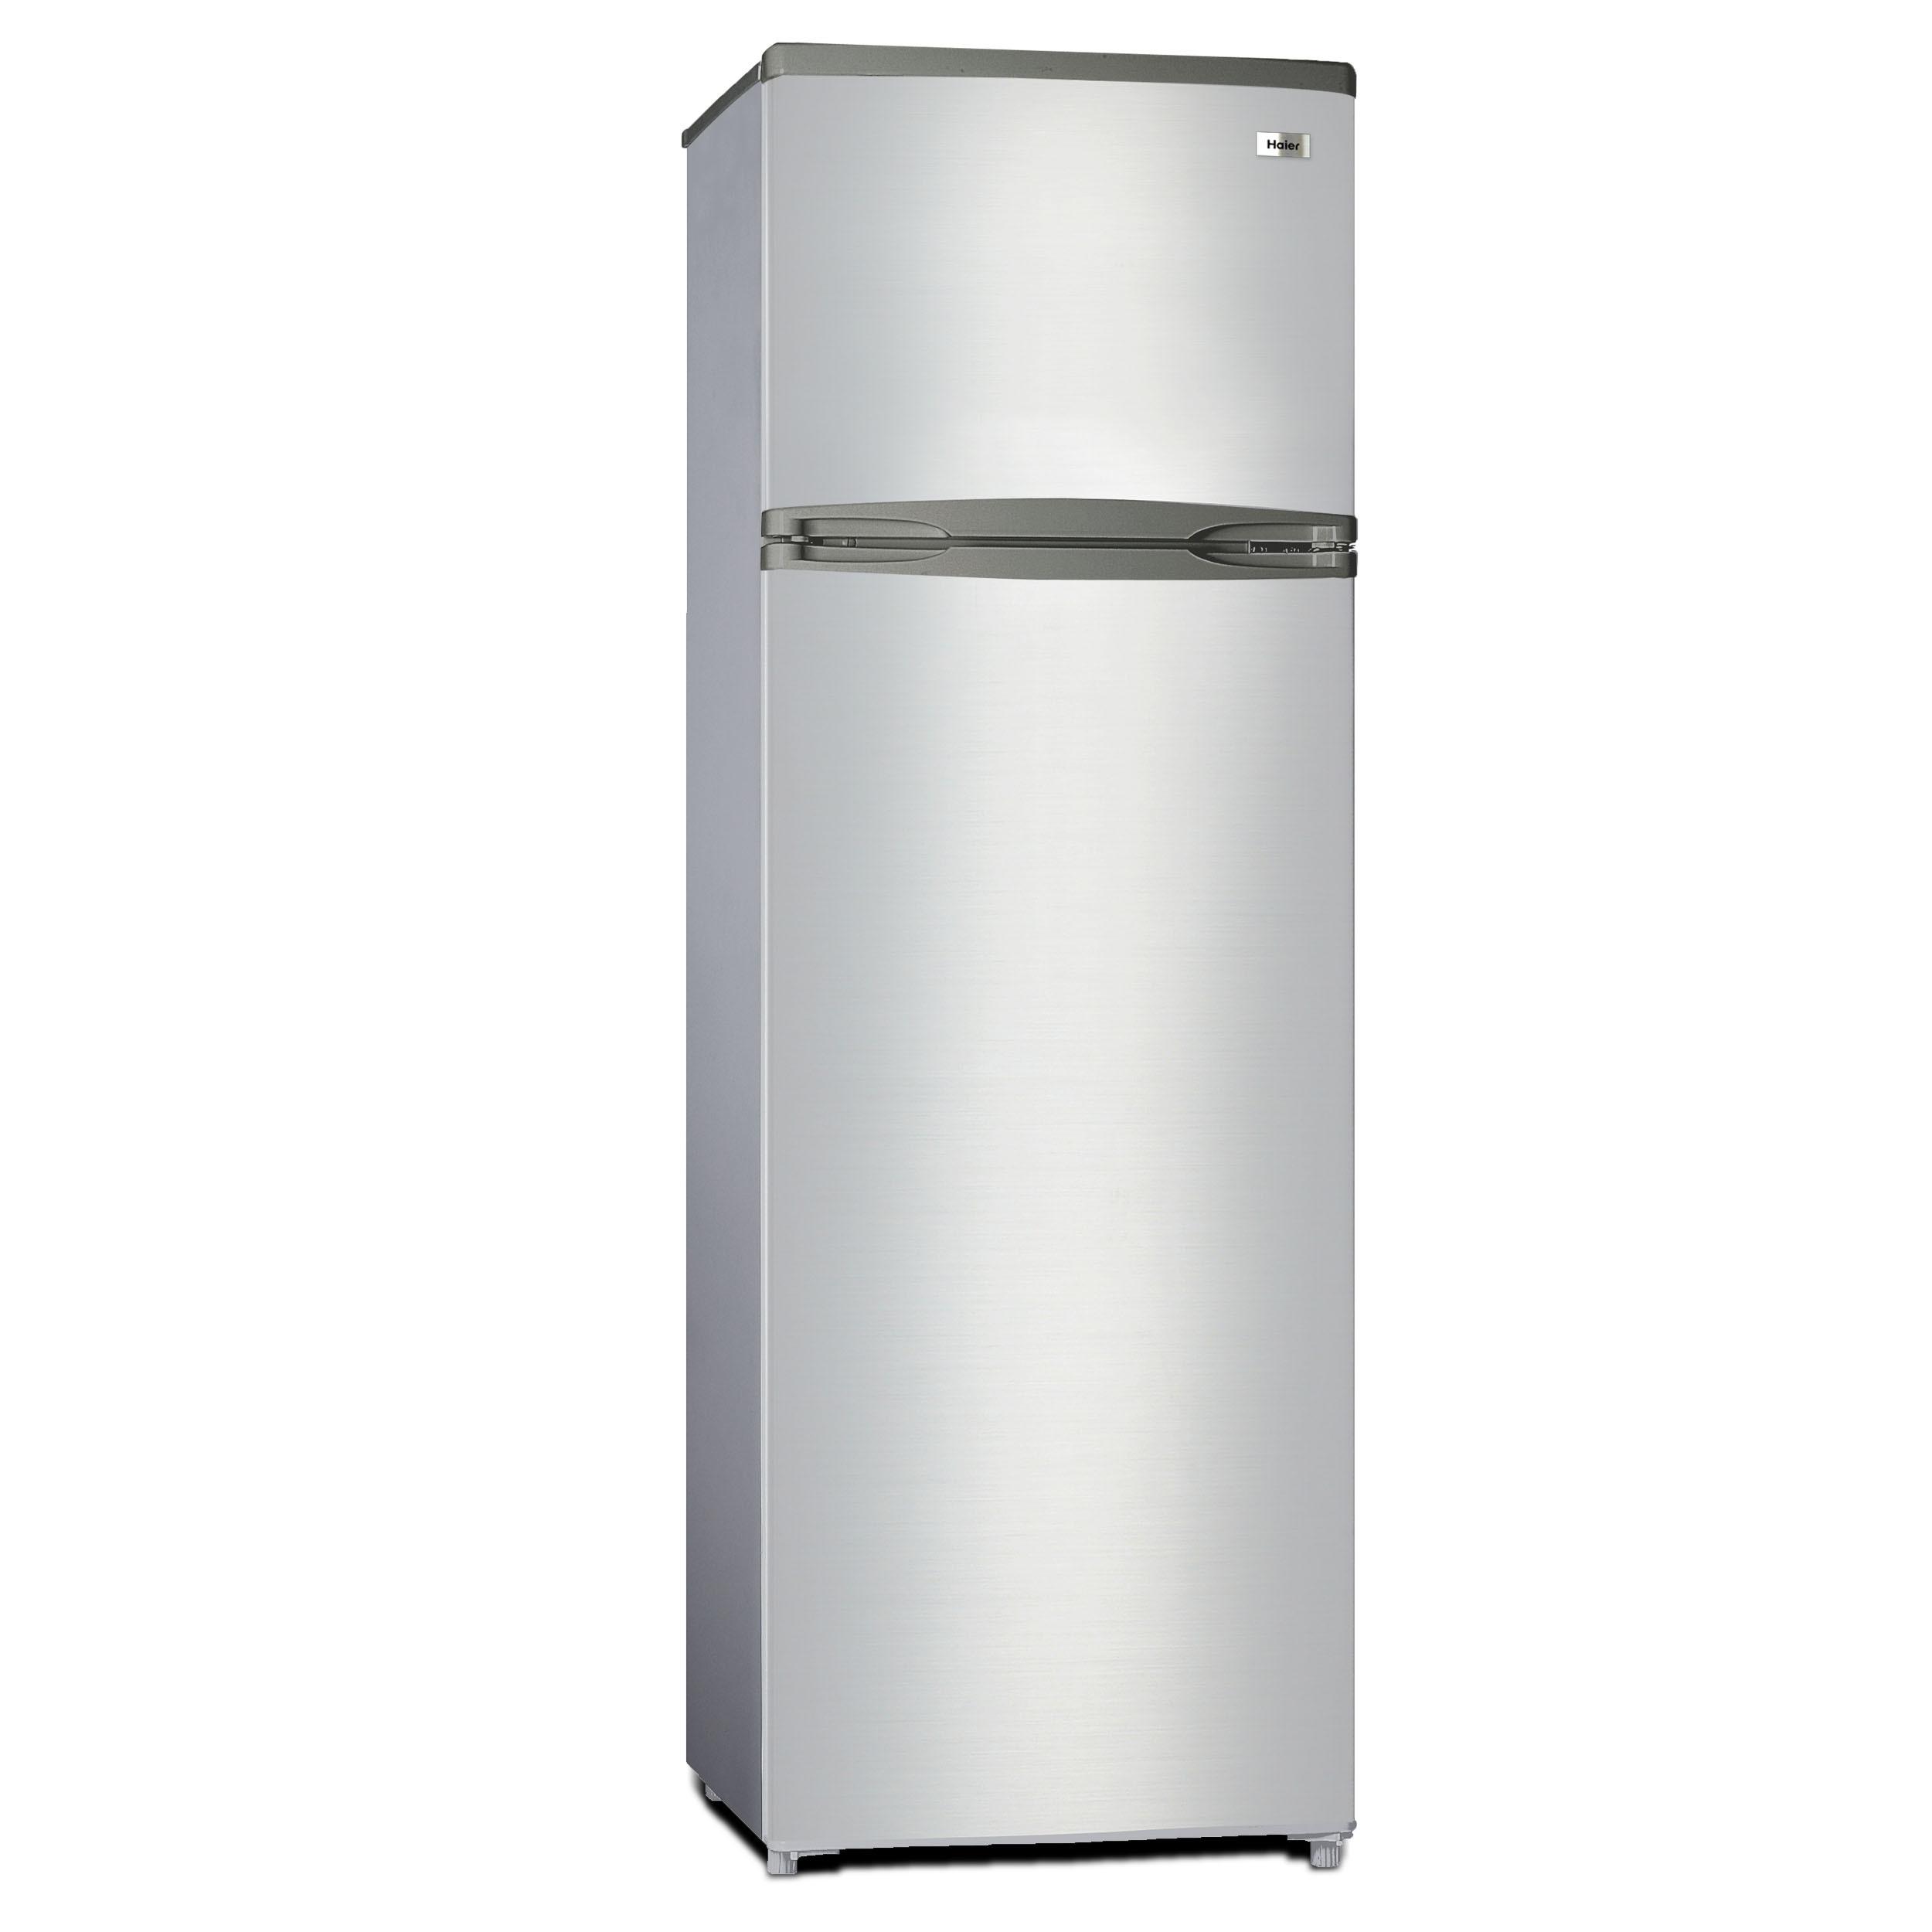 하이얼 1등급 일반소형냉장고 252L 방문설치, HRT260MDS(실버)